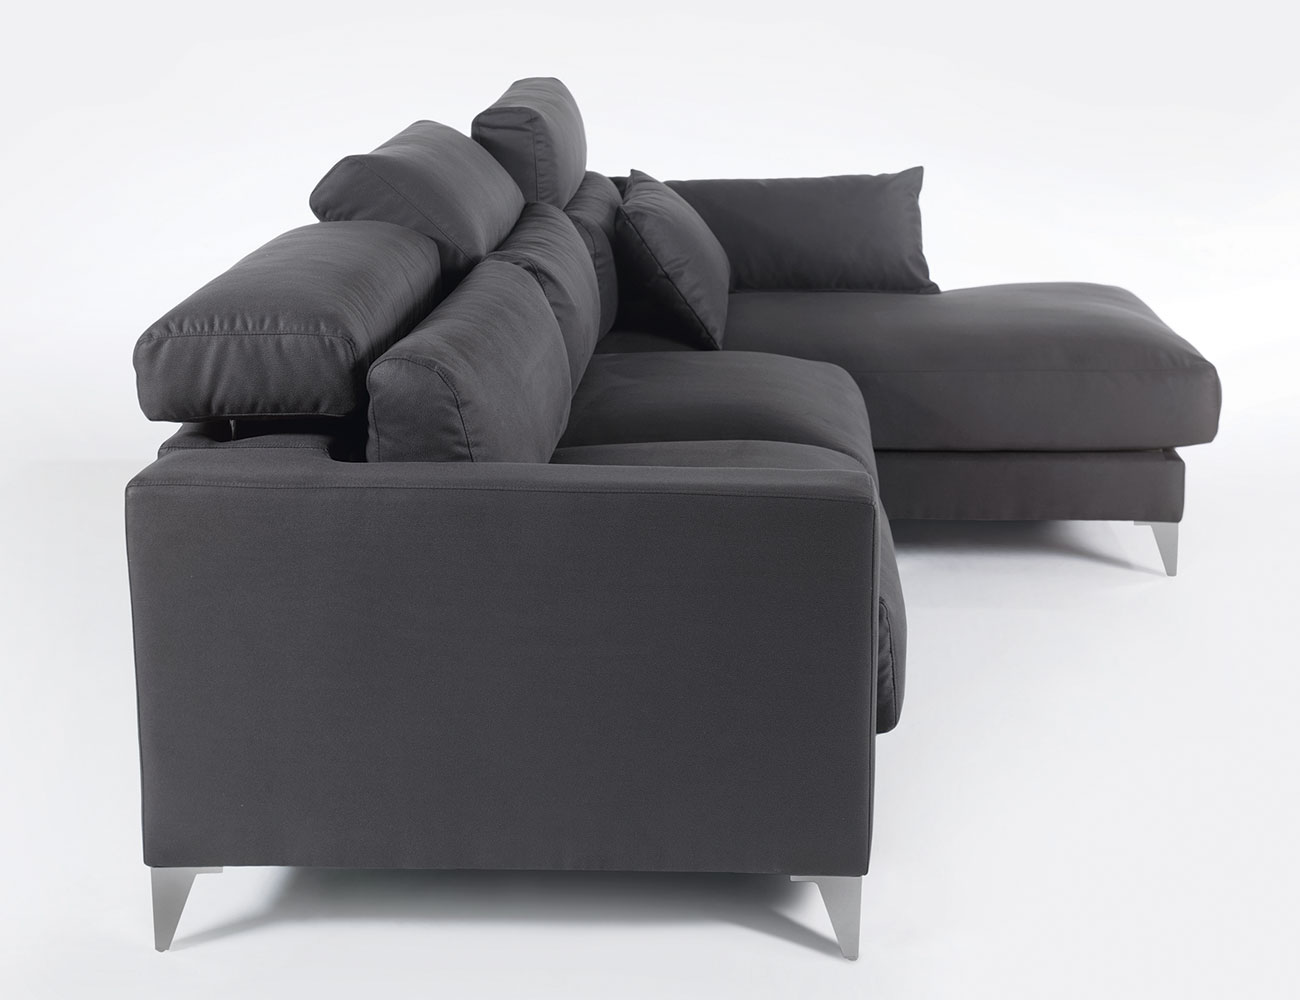 Sofa chaiselongue gran lujo decorativo grafito 18